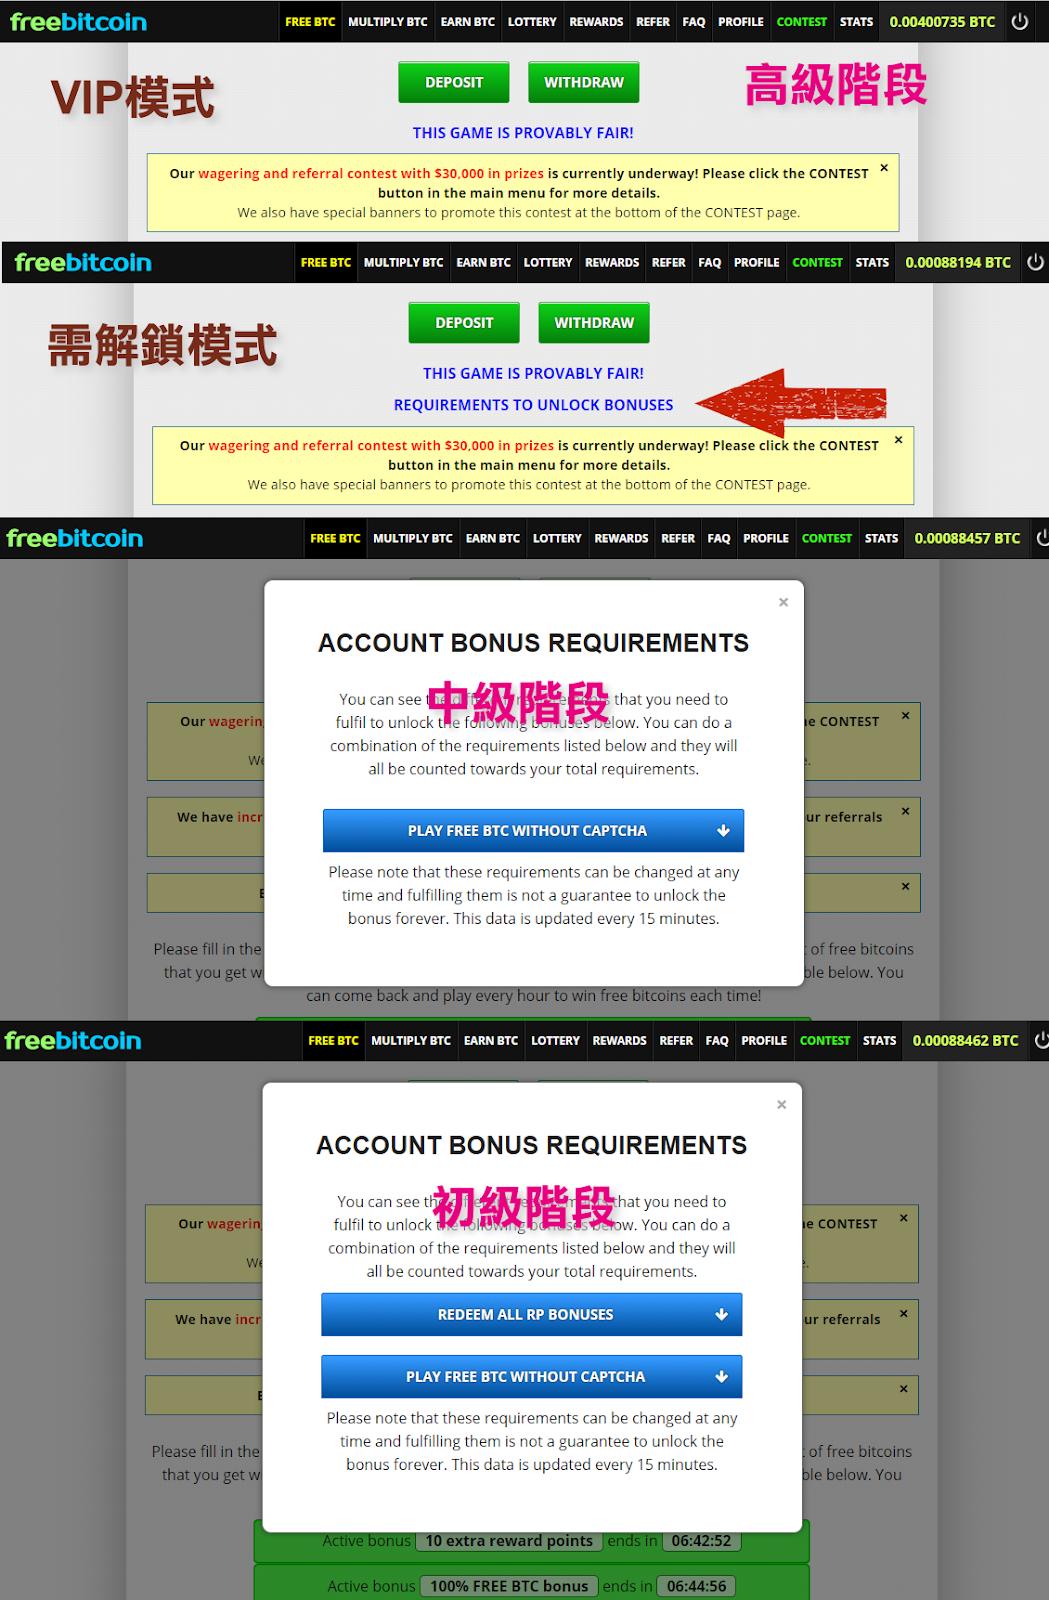 巧言天堂: [速報!] FreeBitco.in 大驚訝,增加免驗證選項,解鎖機制~PLAY WITHOUT CAPTCHA